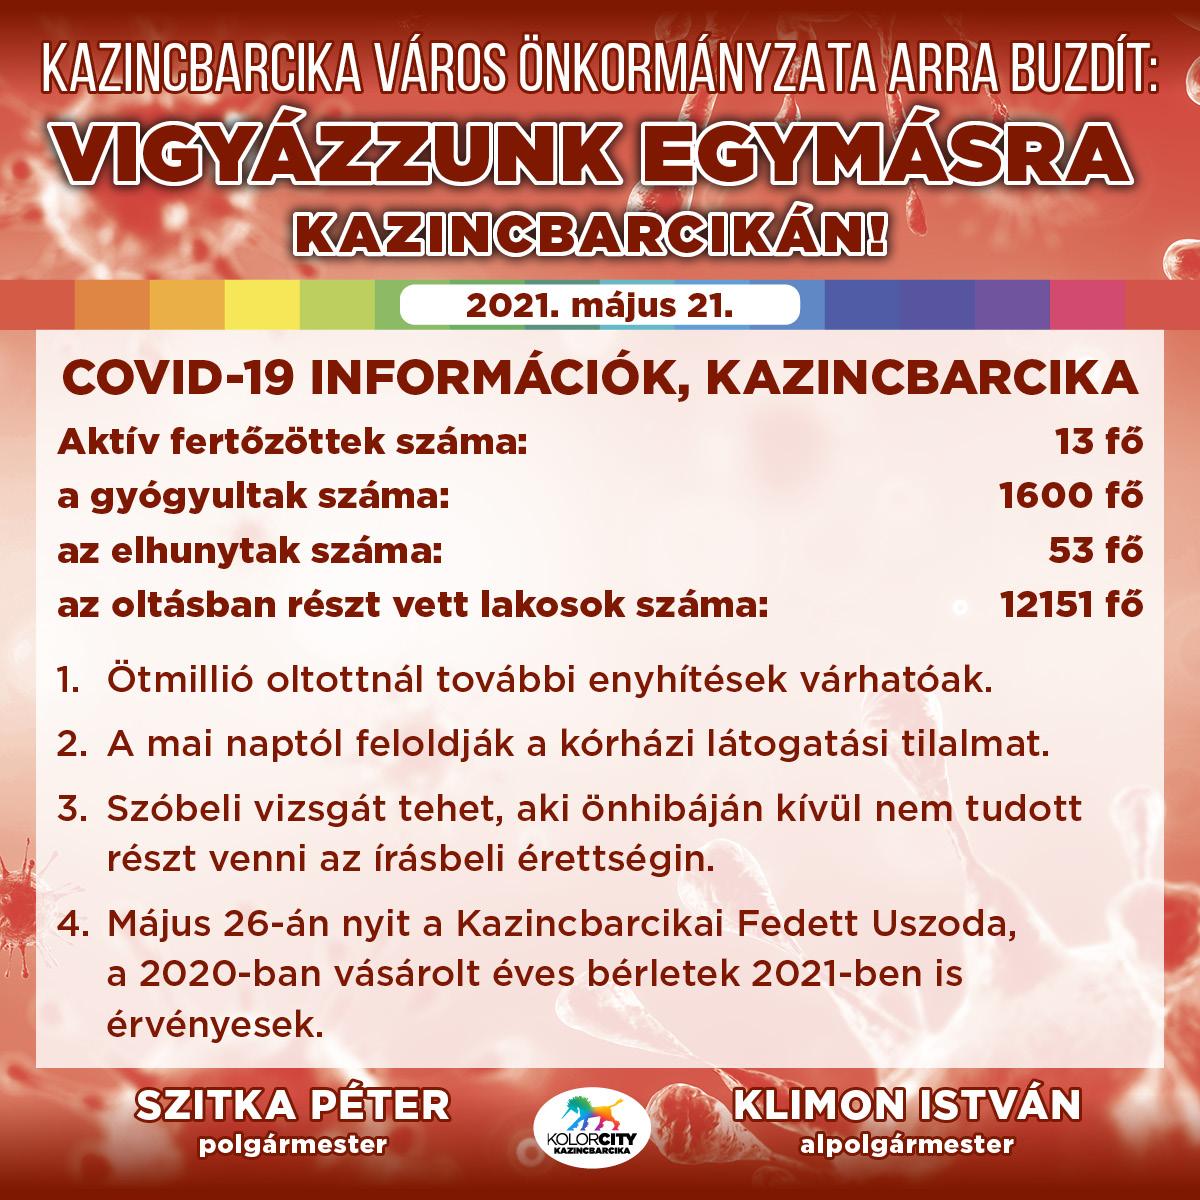 https://kolorline.hu/Vigyázzunk egymásra Kazincbarcikán! – 2021. május 21.